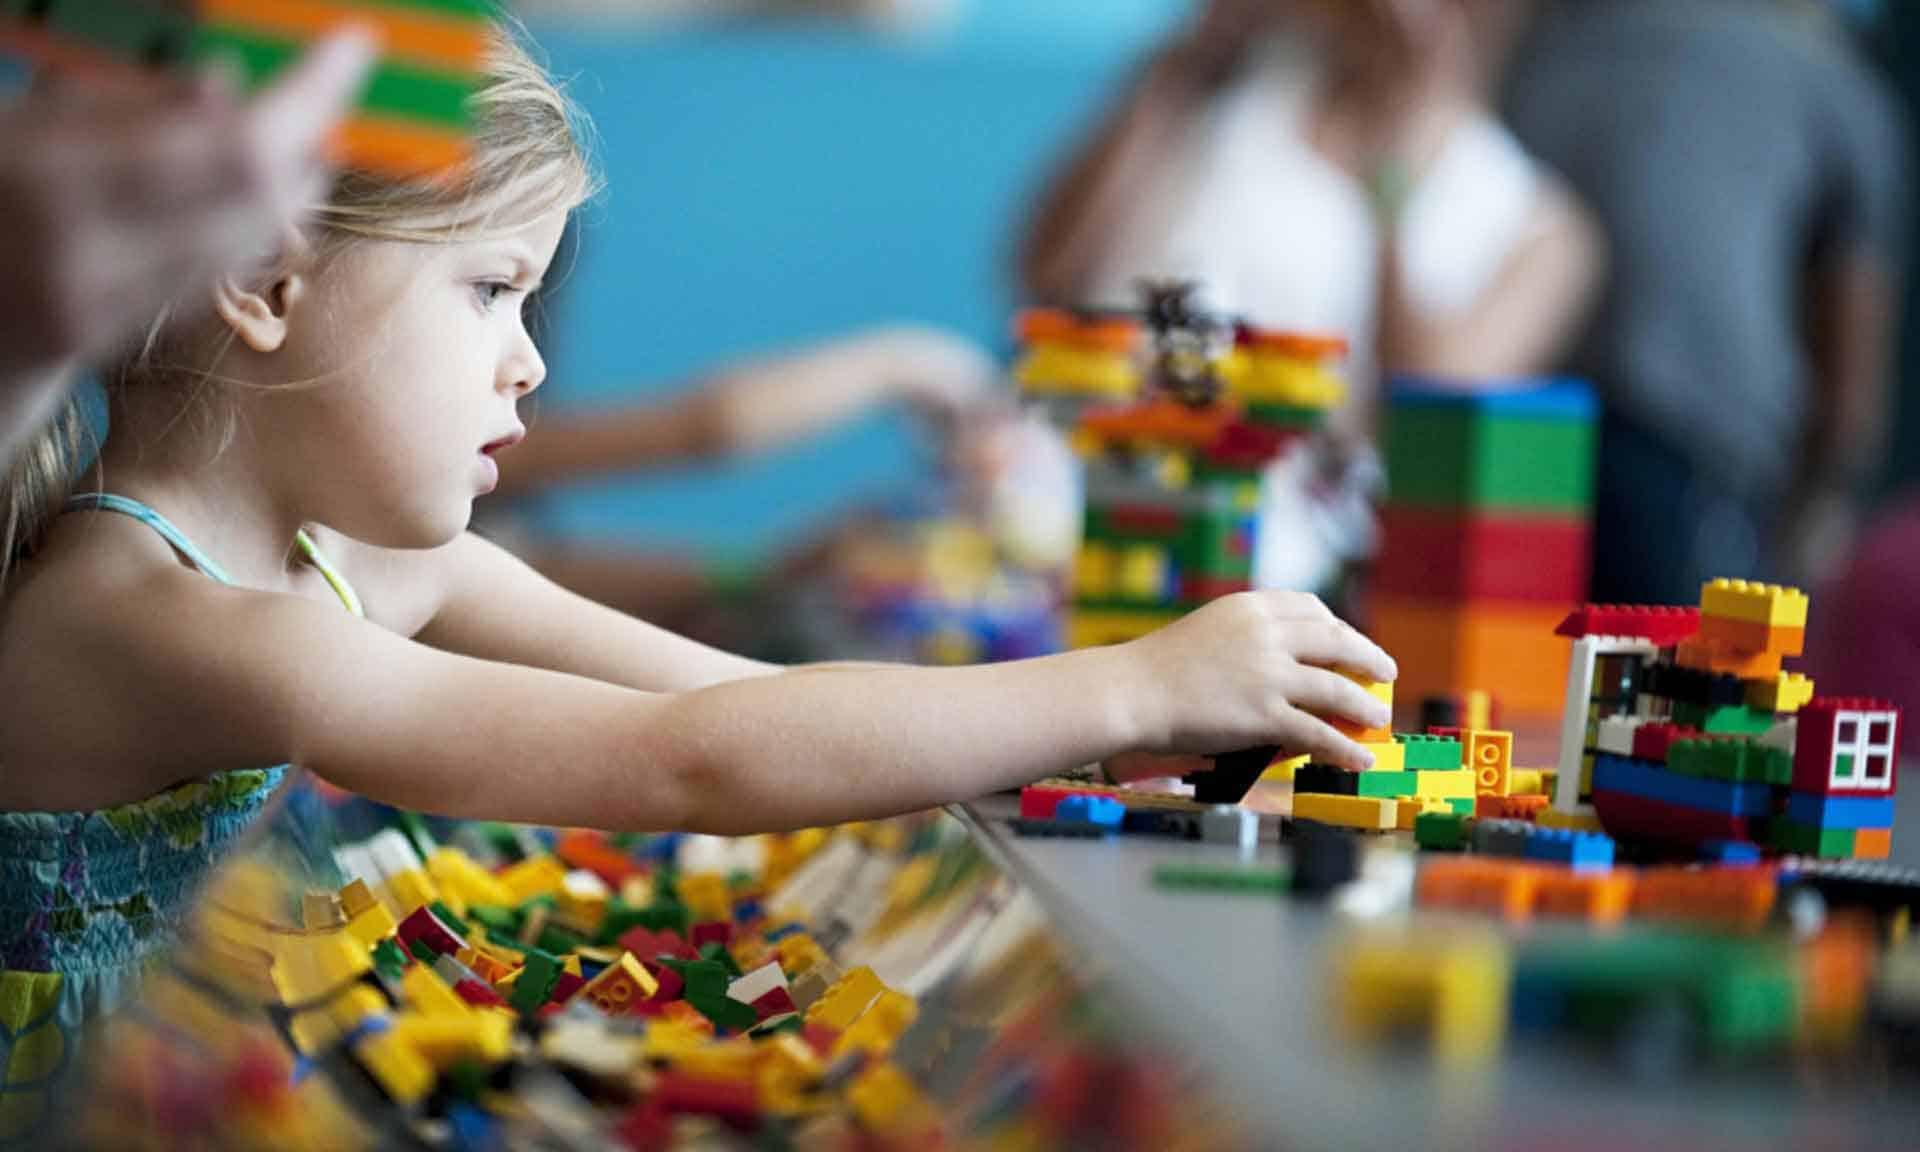 Đồ chơi Lego giúp bé thỏa sức sáng tạo